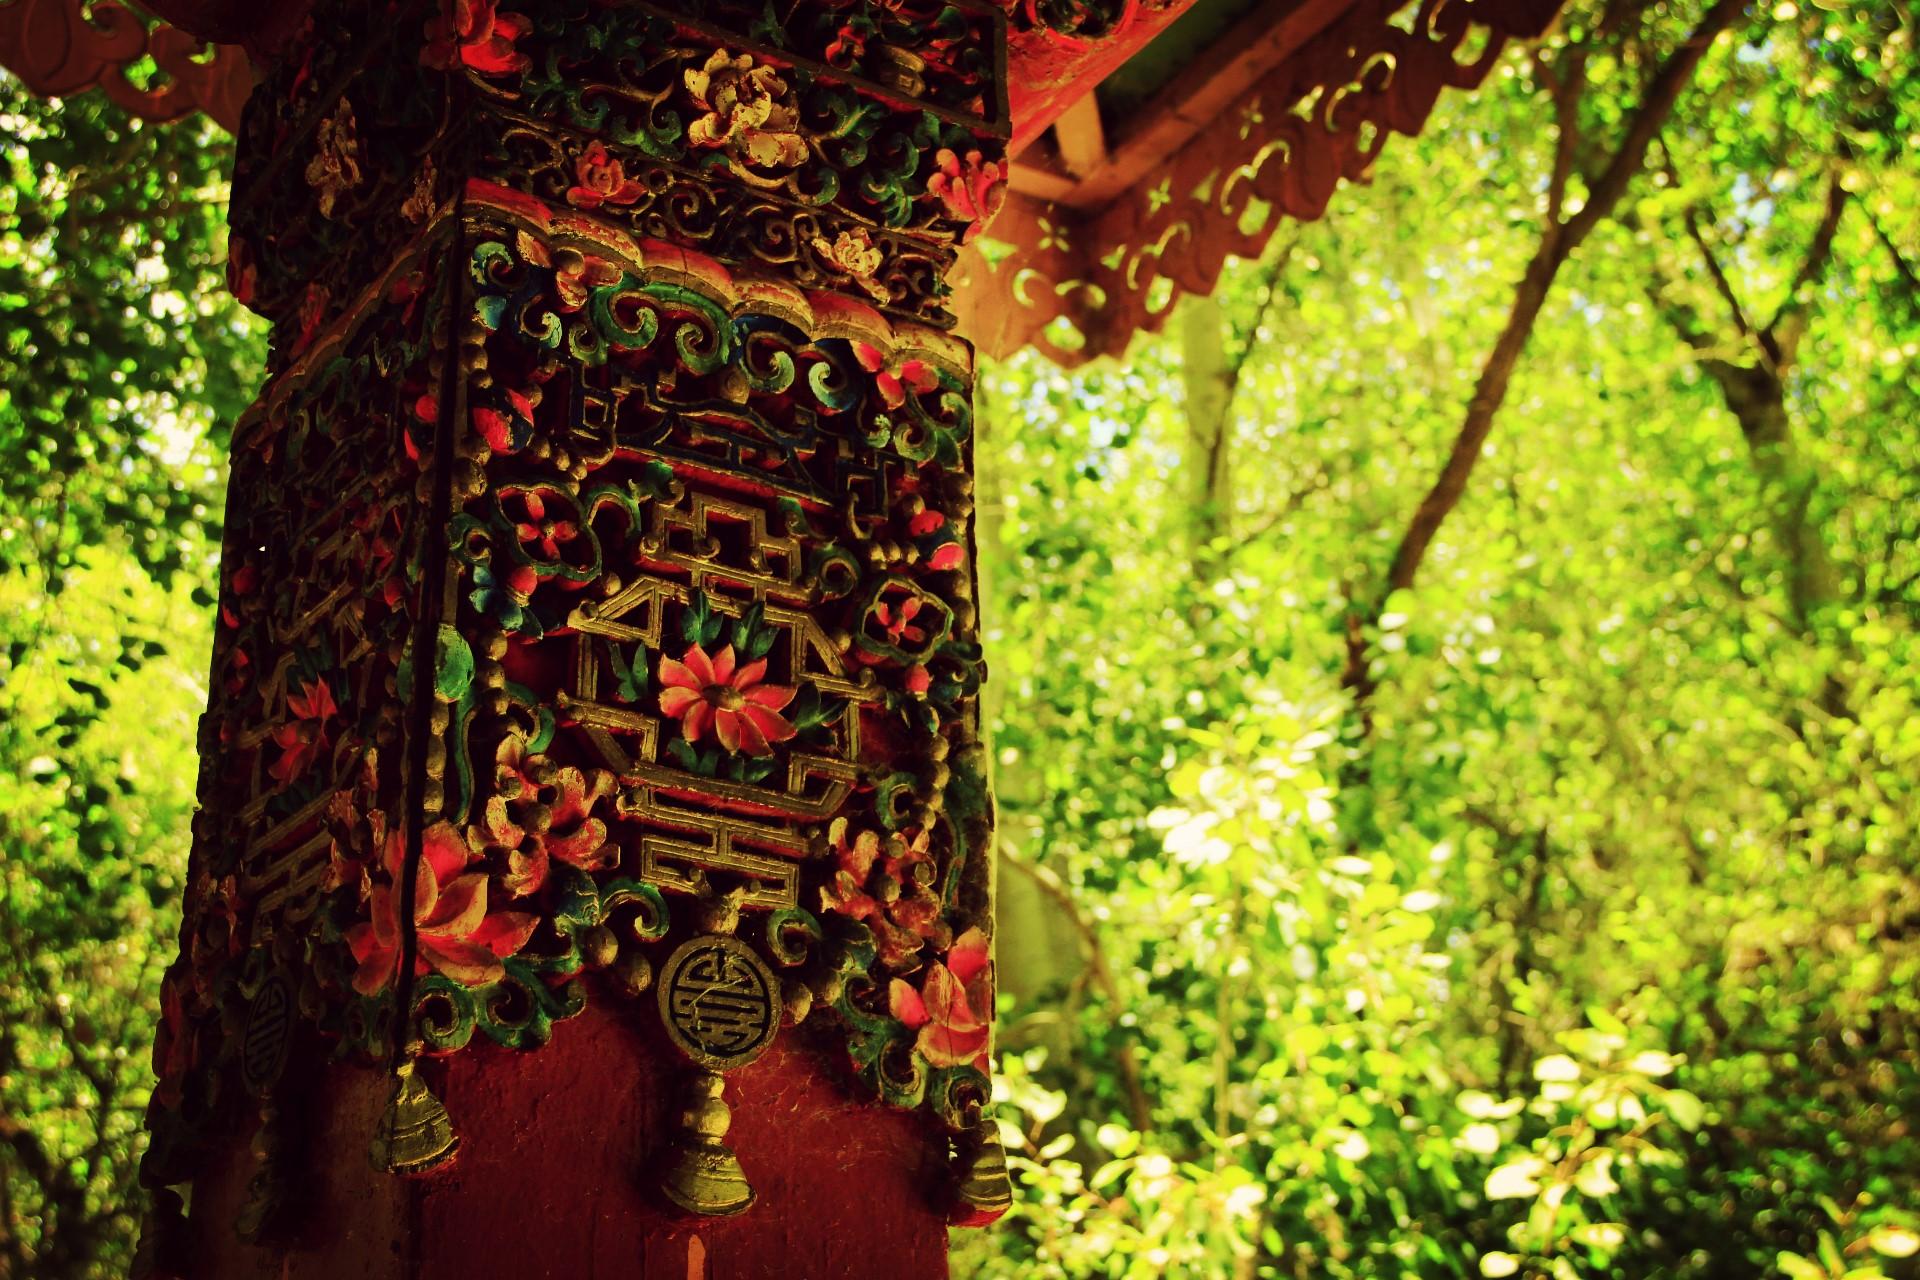 壁纸 风景 森林 桌面 1920_1280